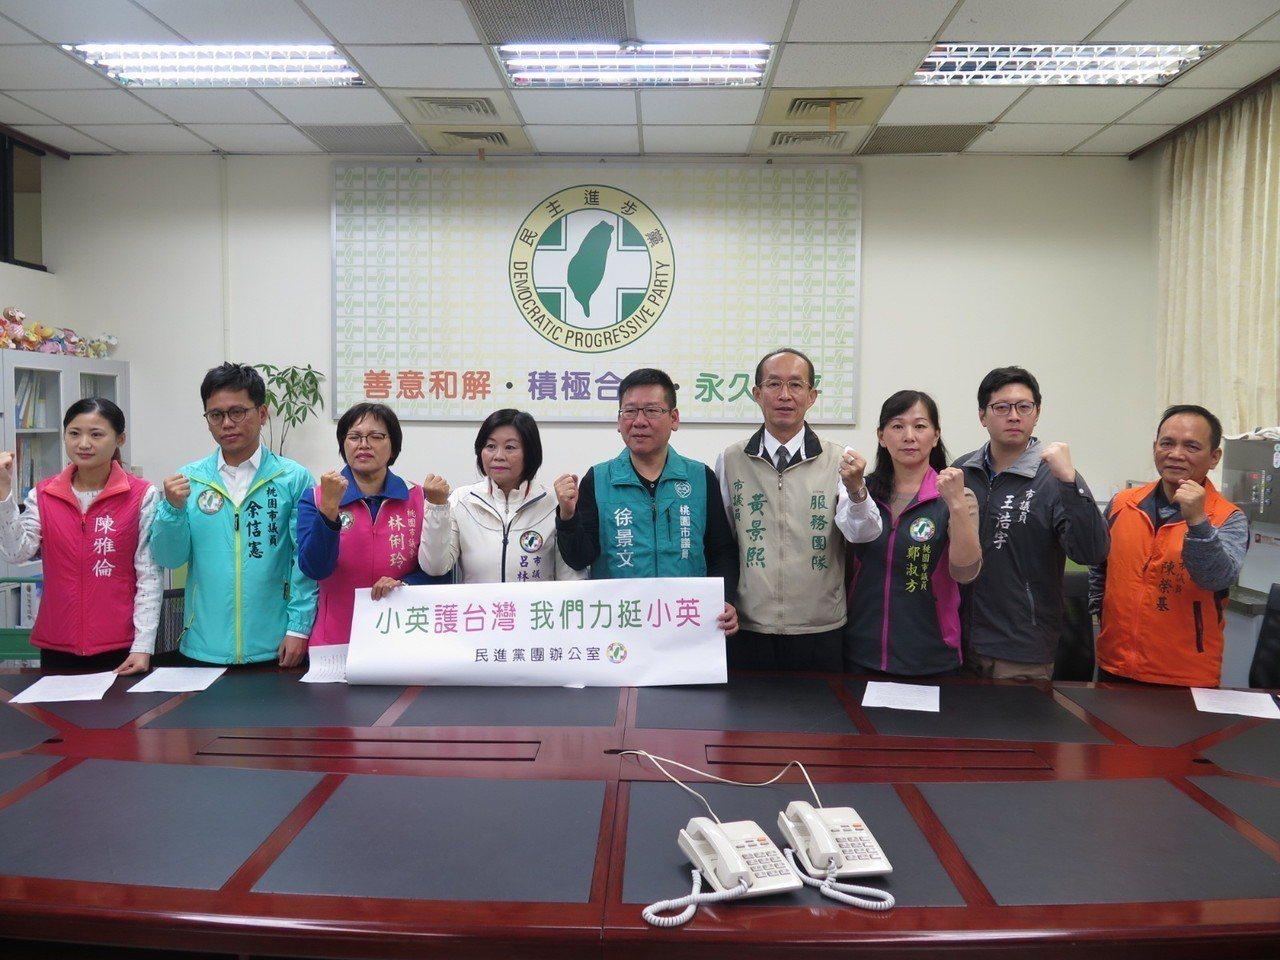 桃園市議會民進黨黨團今天開記者會聲援總統蔡英文。記者張裕珍/攝影